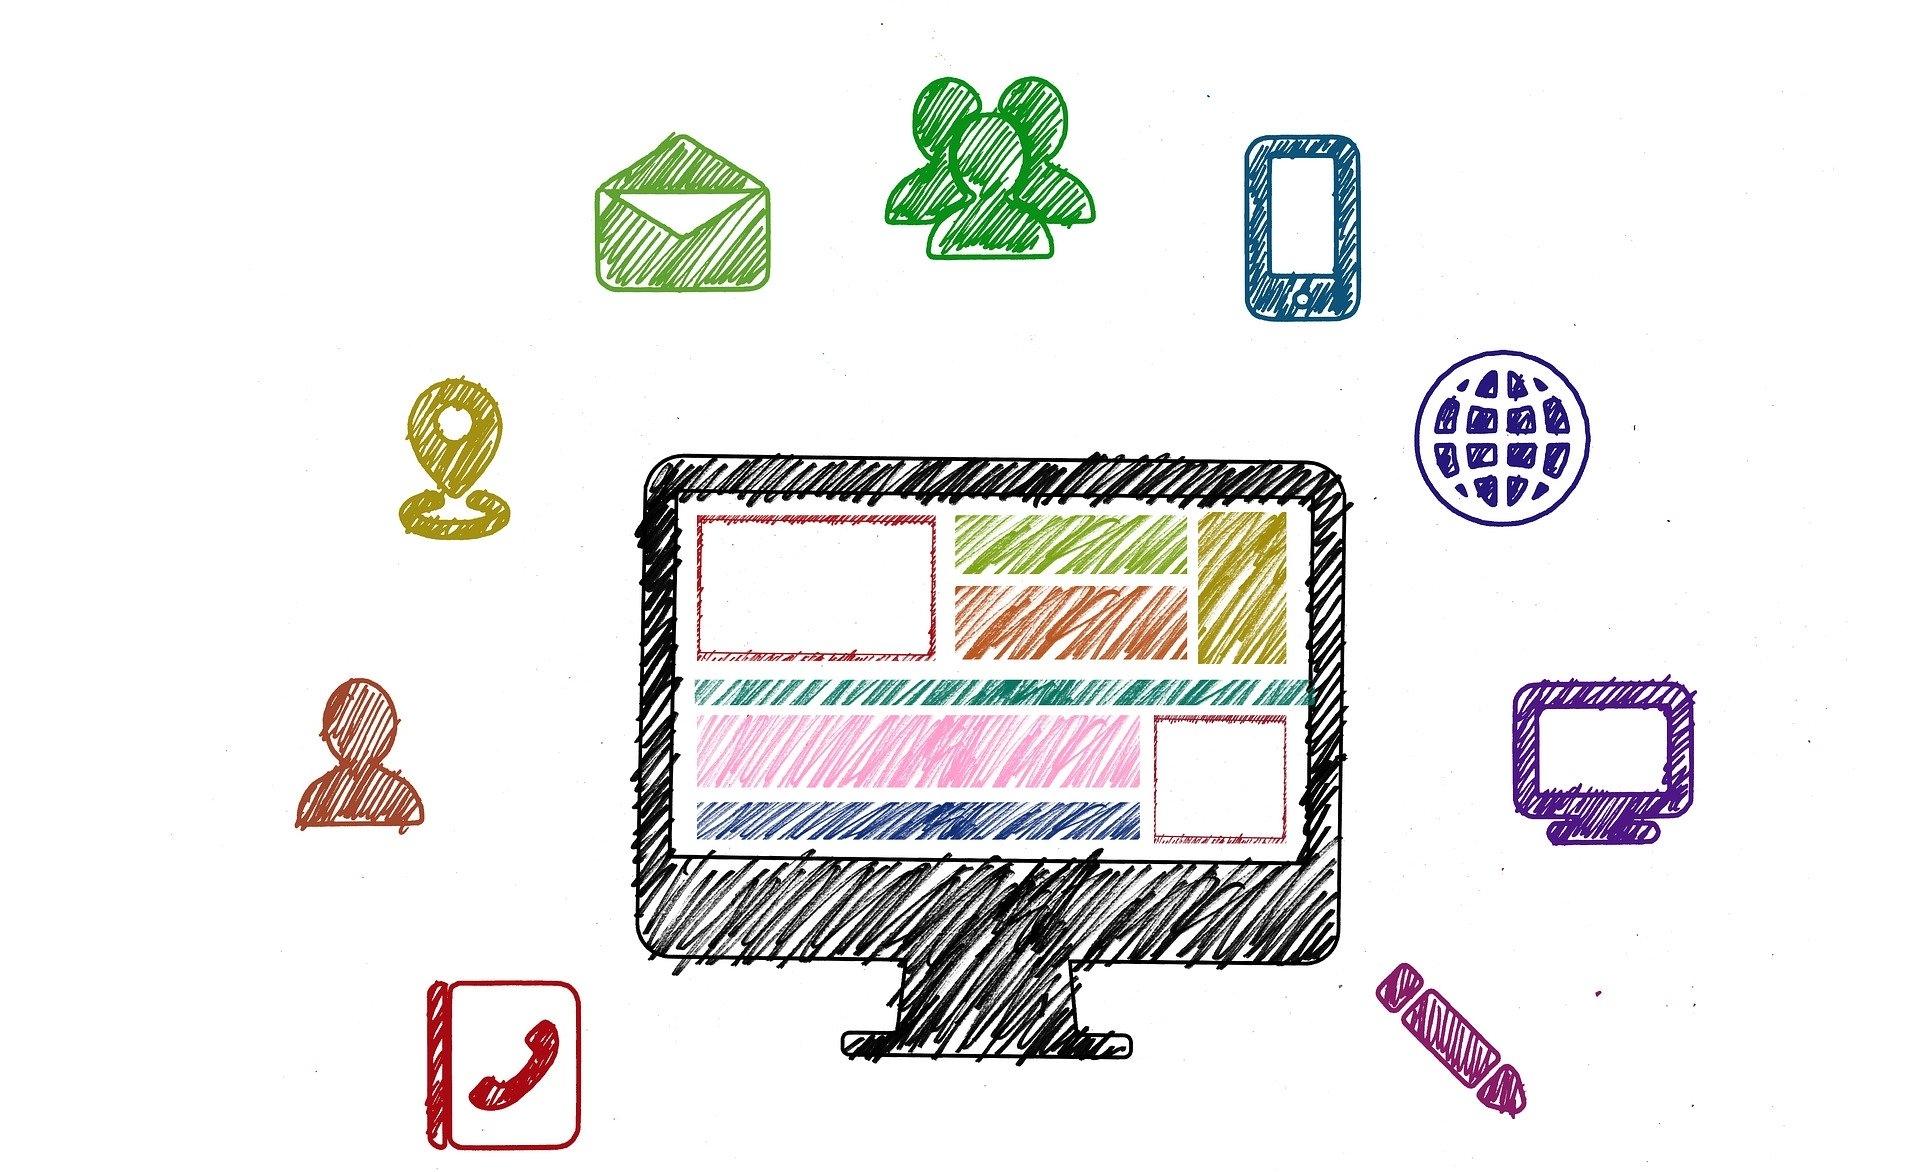 Digitalisierung als Wettbewerbsvorteil - Bild